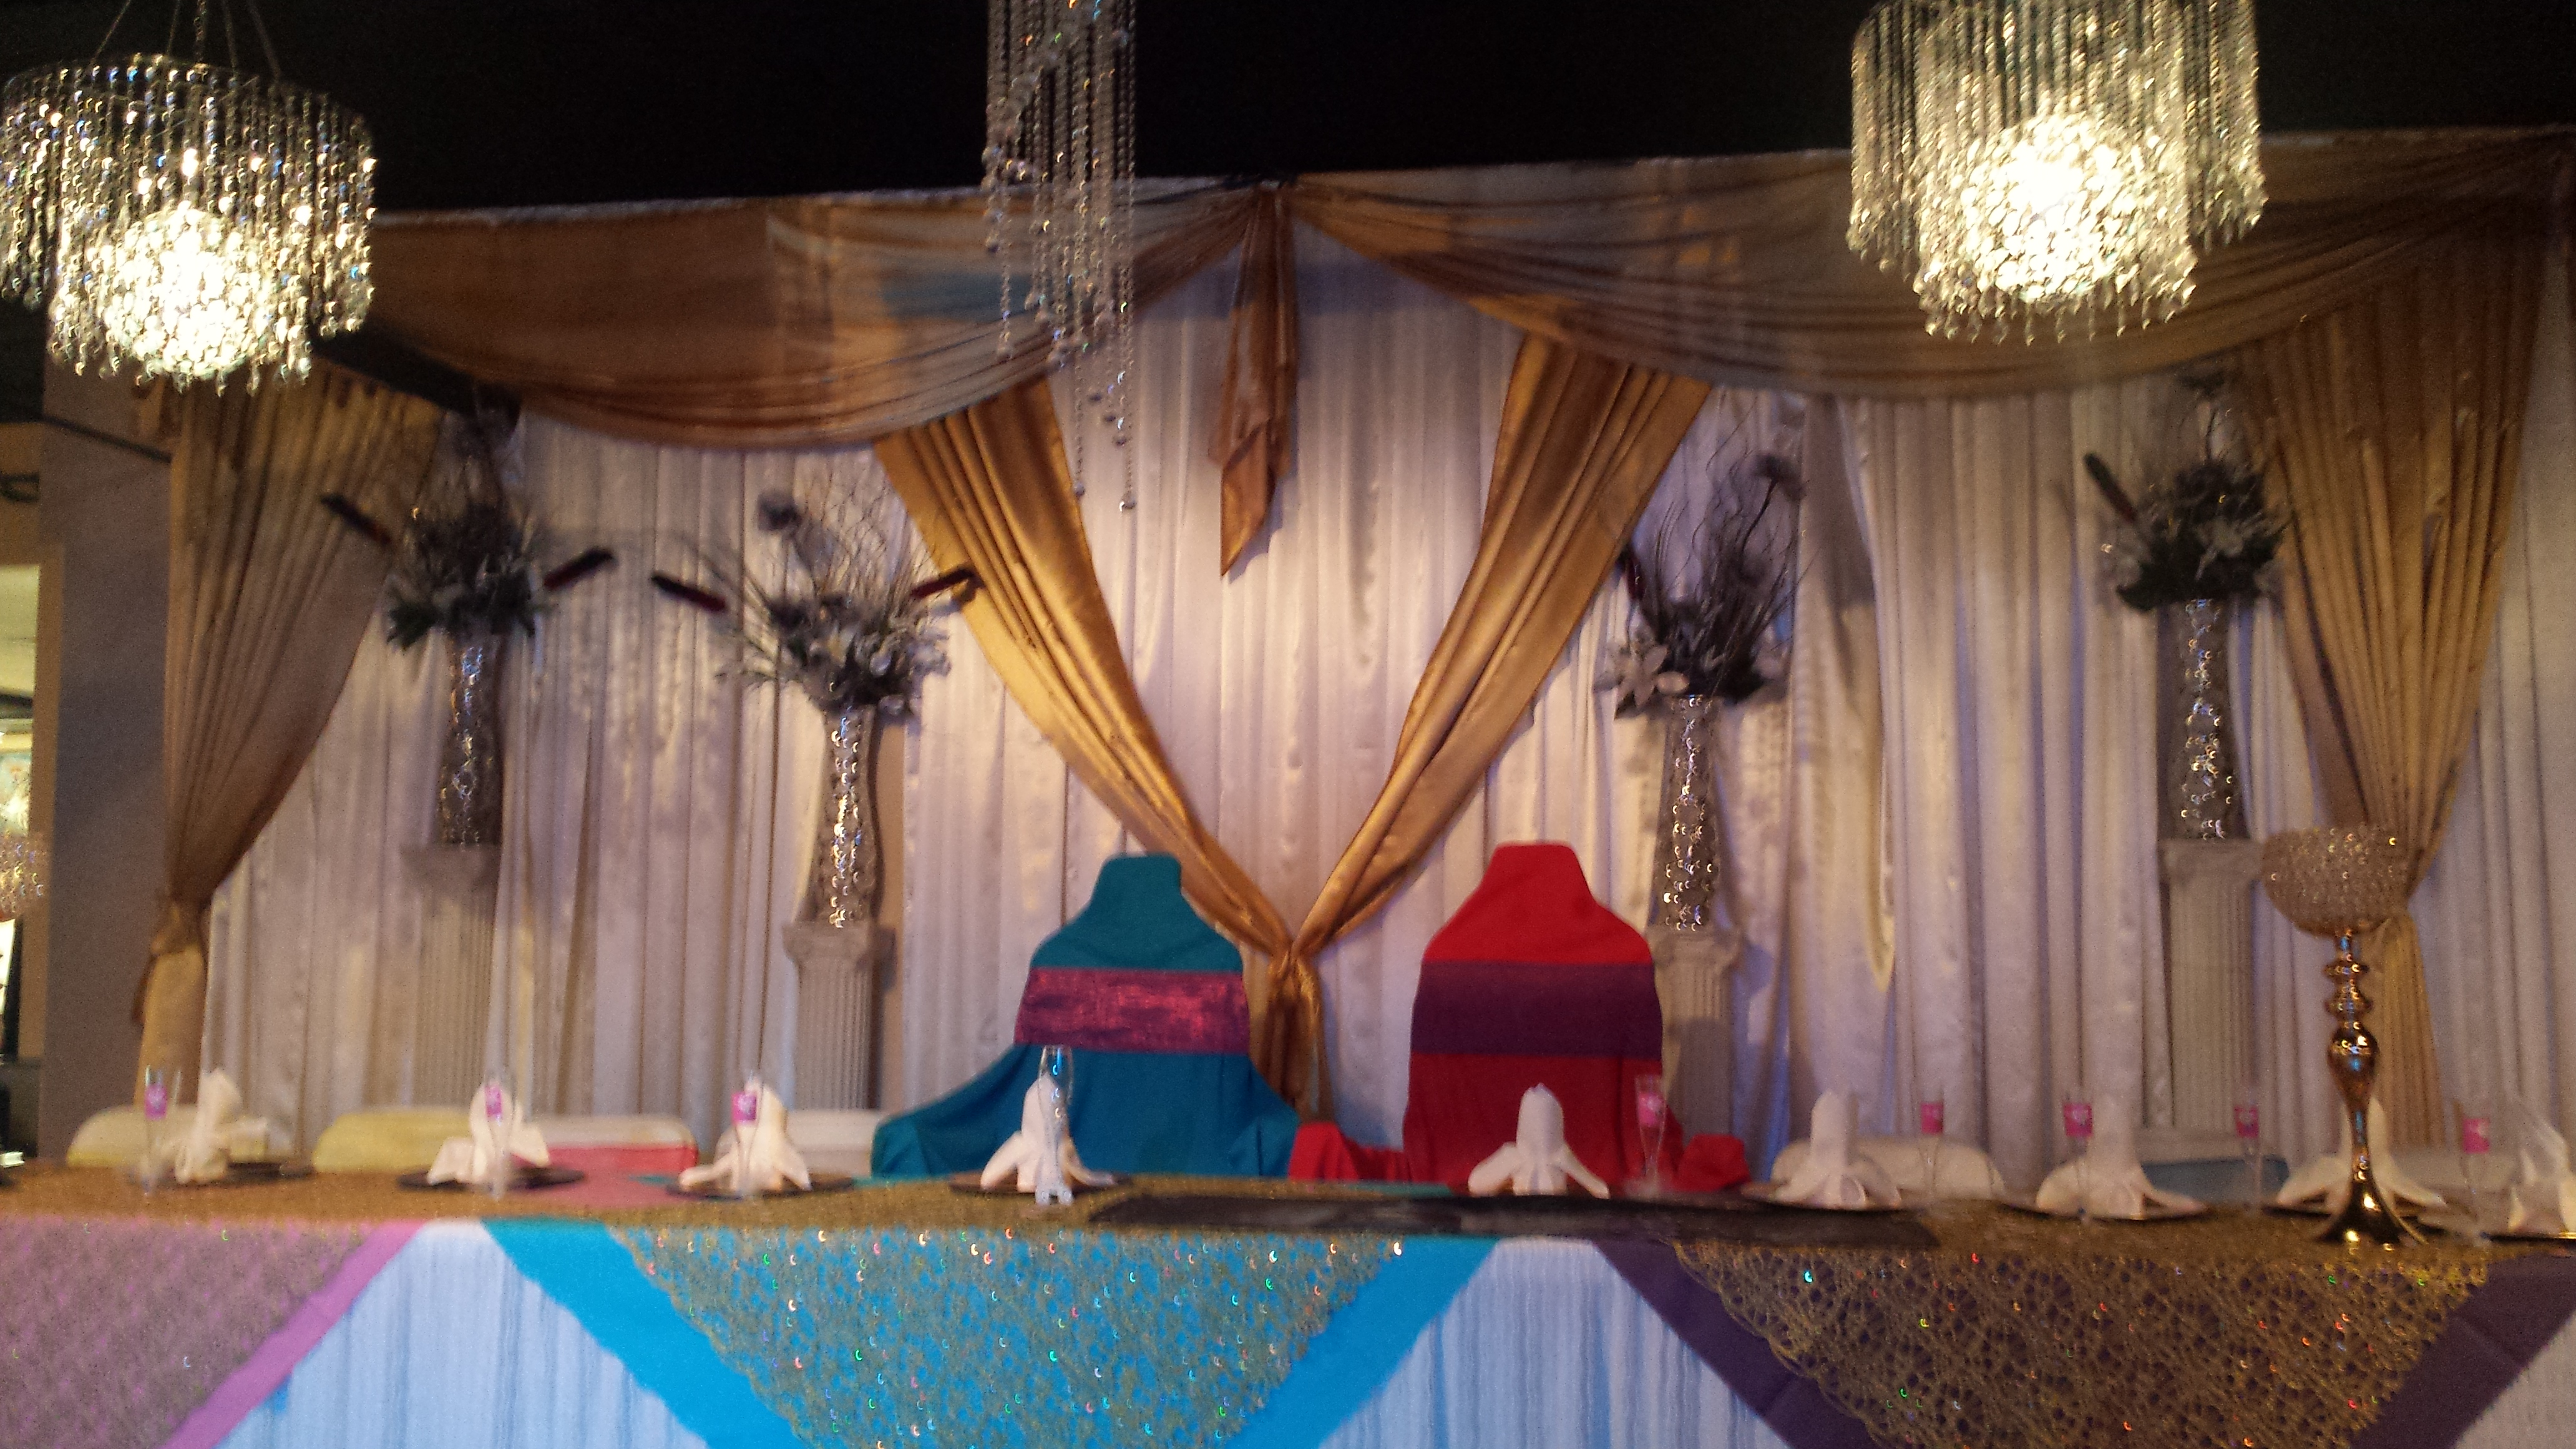 Bride & Groom's wedding party table